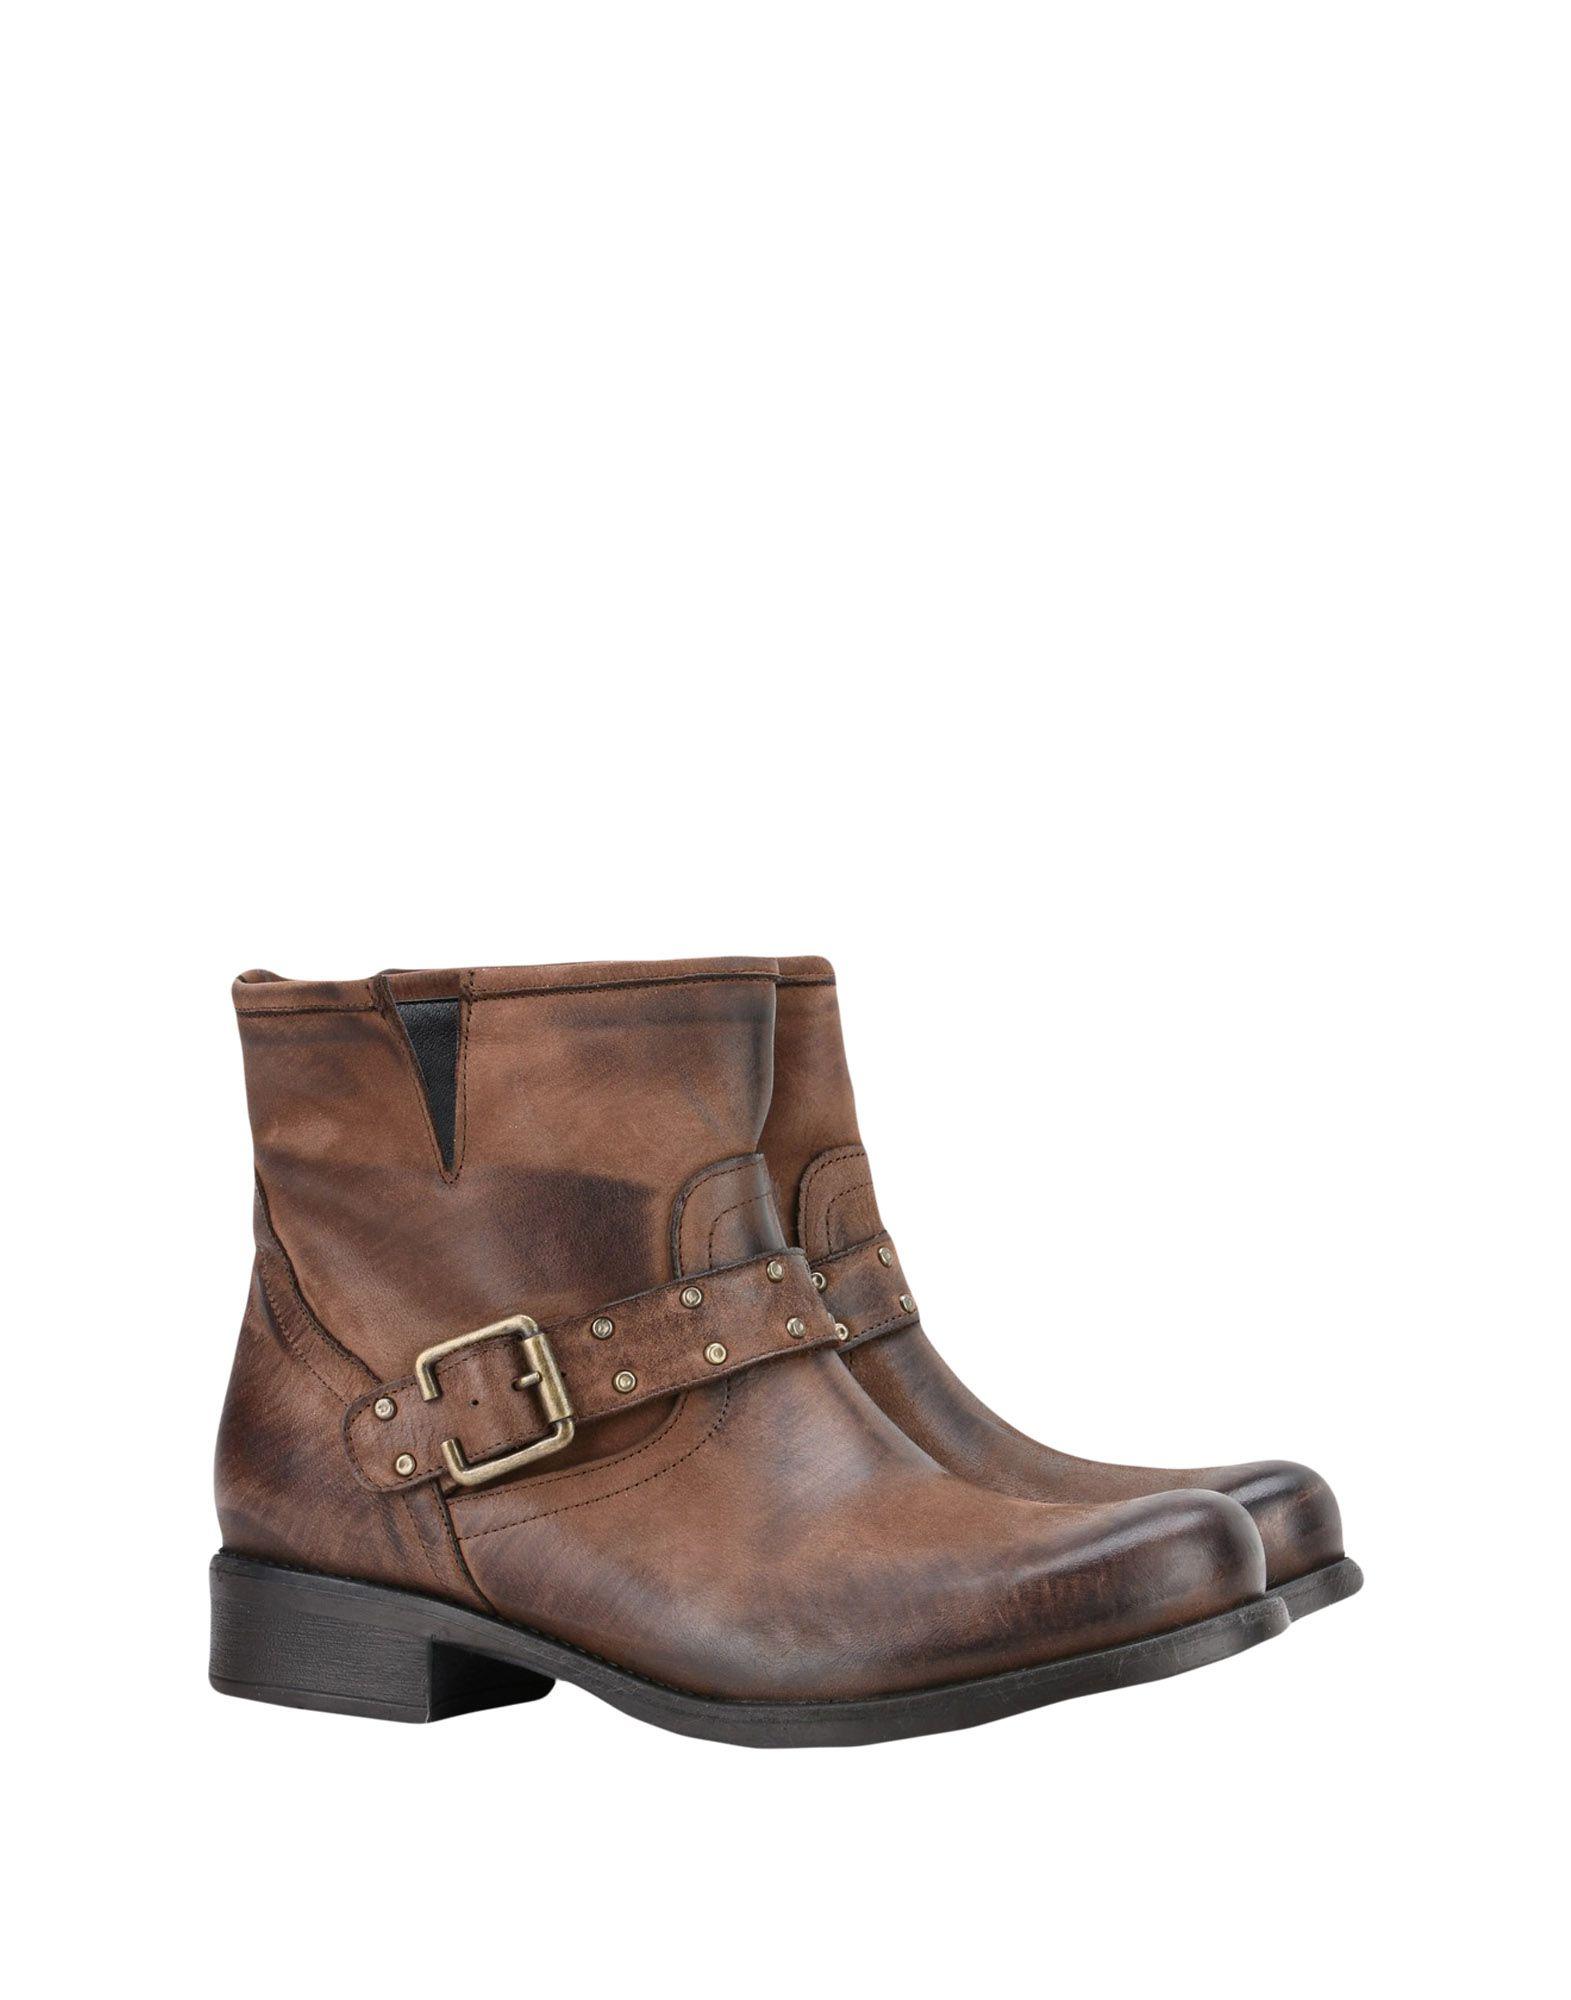 George Gute J. Love Stiefelette Damen  11405233LV Gute George Qualität beliebte Schuhe 00f8c7